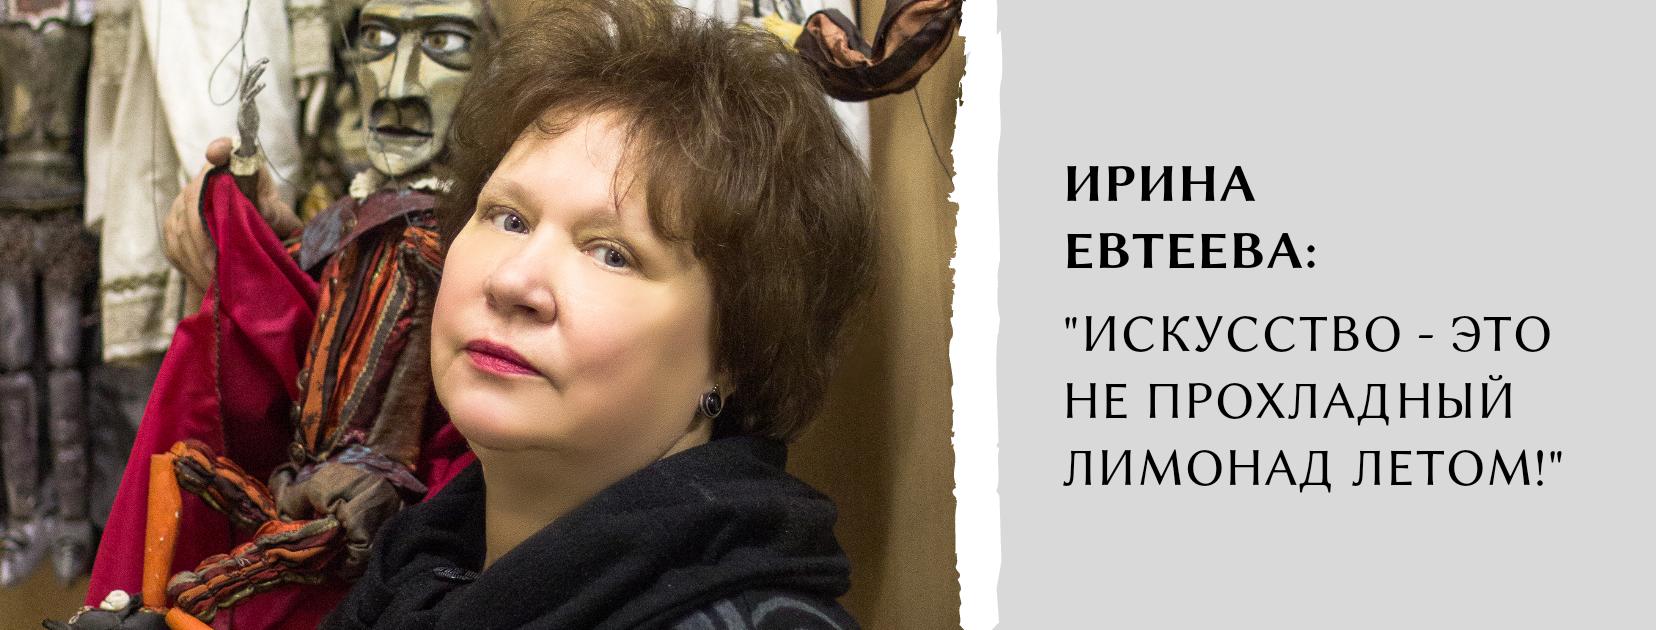 Ирина Евтеева: «Искусство – это не прохладный лимонад летом!» в ТК ЭКОПОЛИС premium